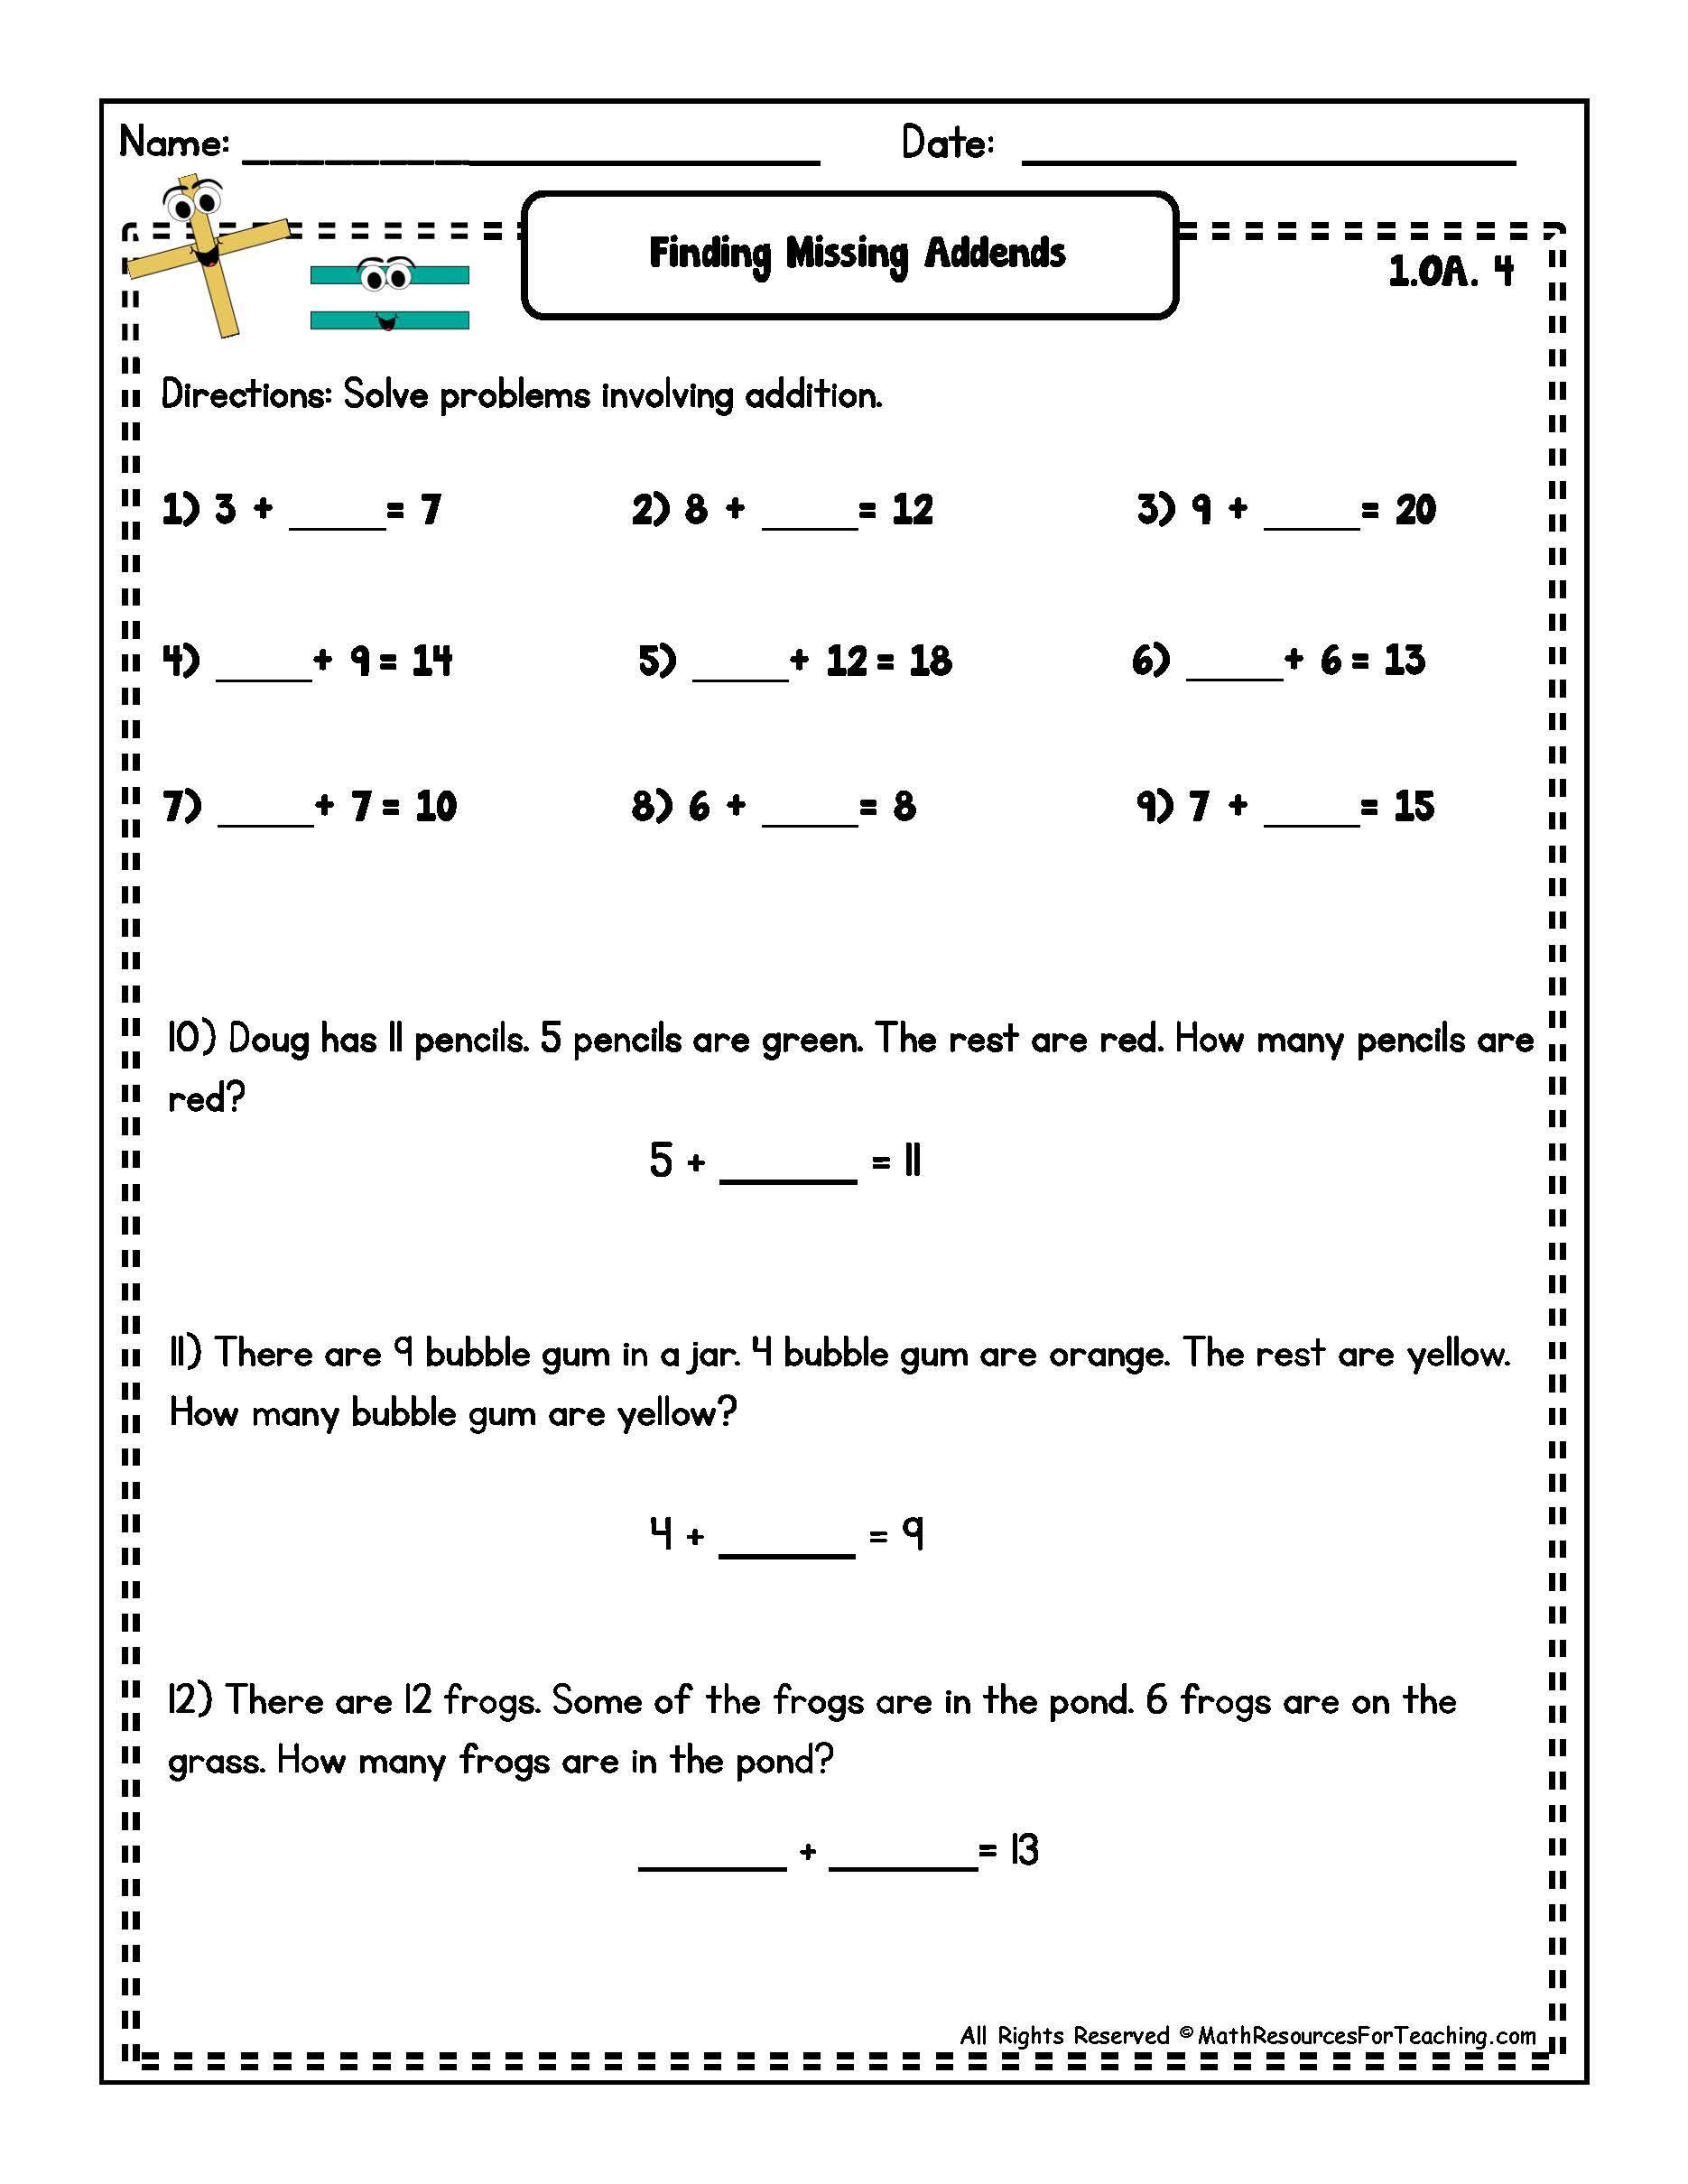 15 Best Images Of Missing Addend Worksheet For 3rd Grade